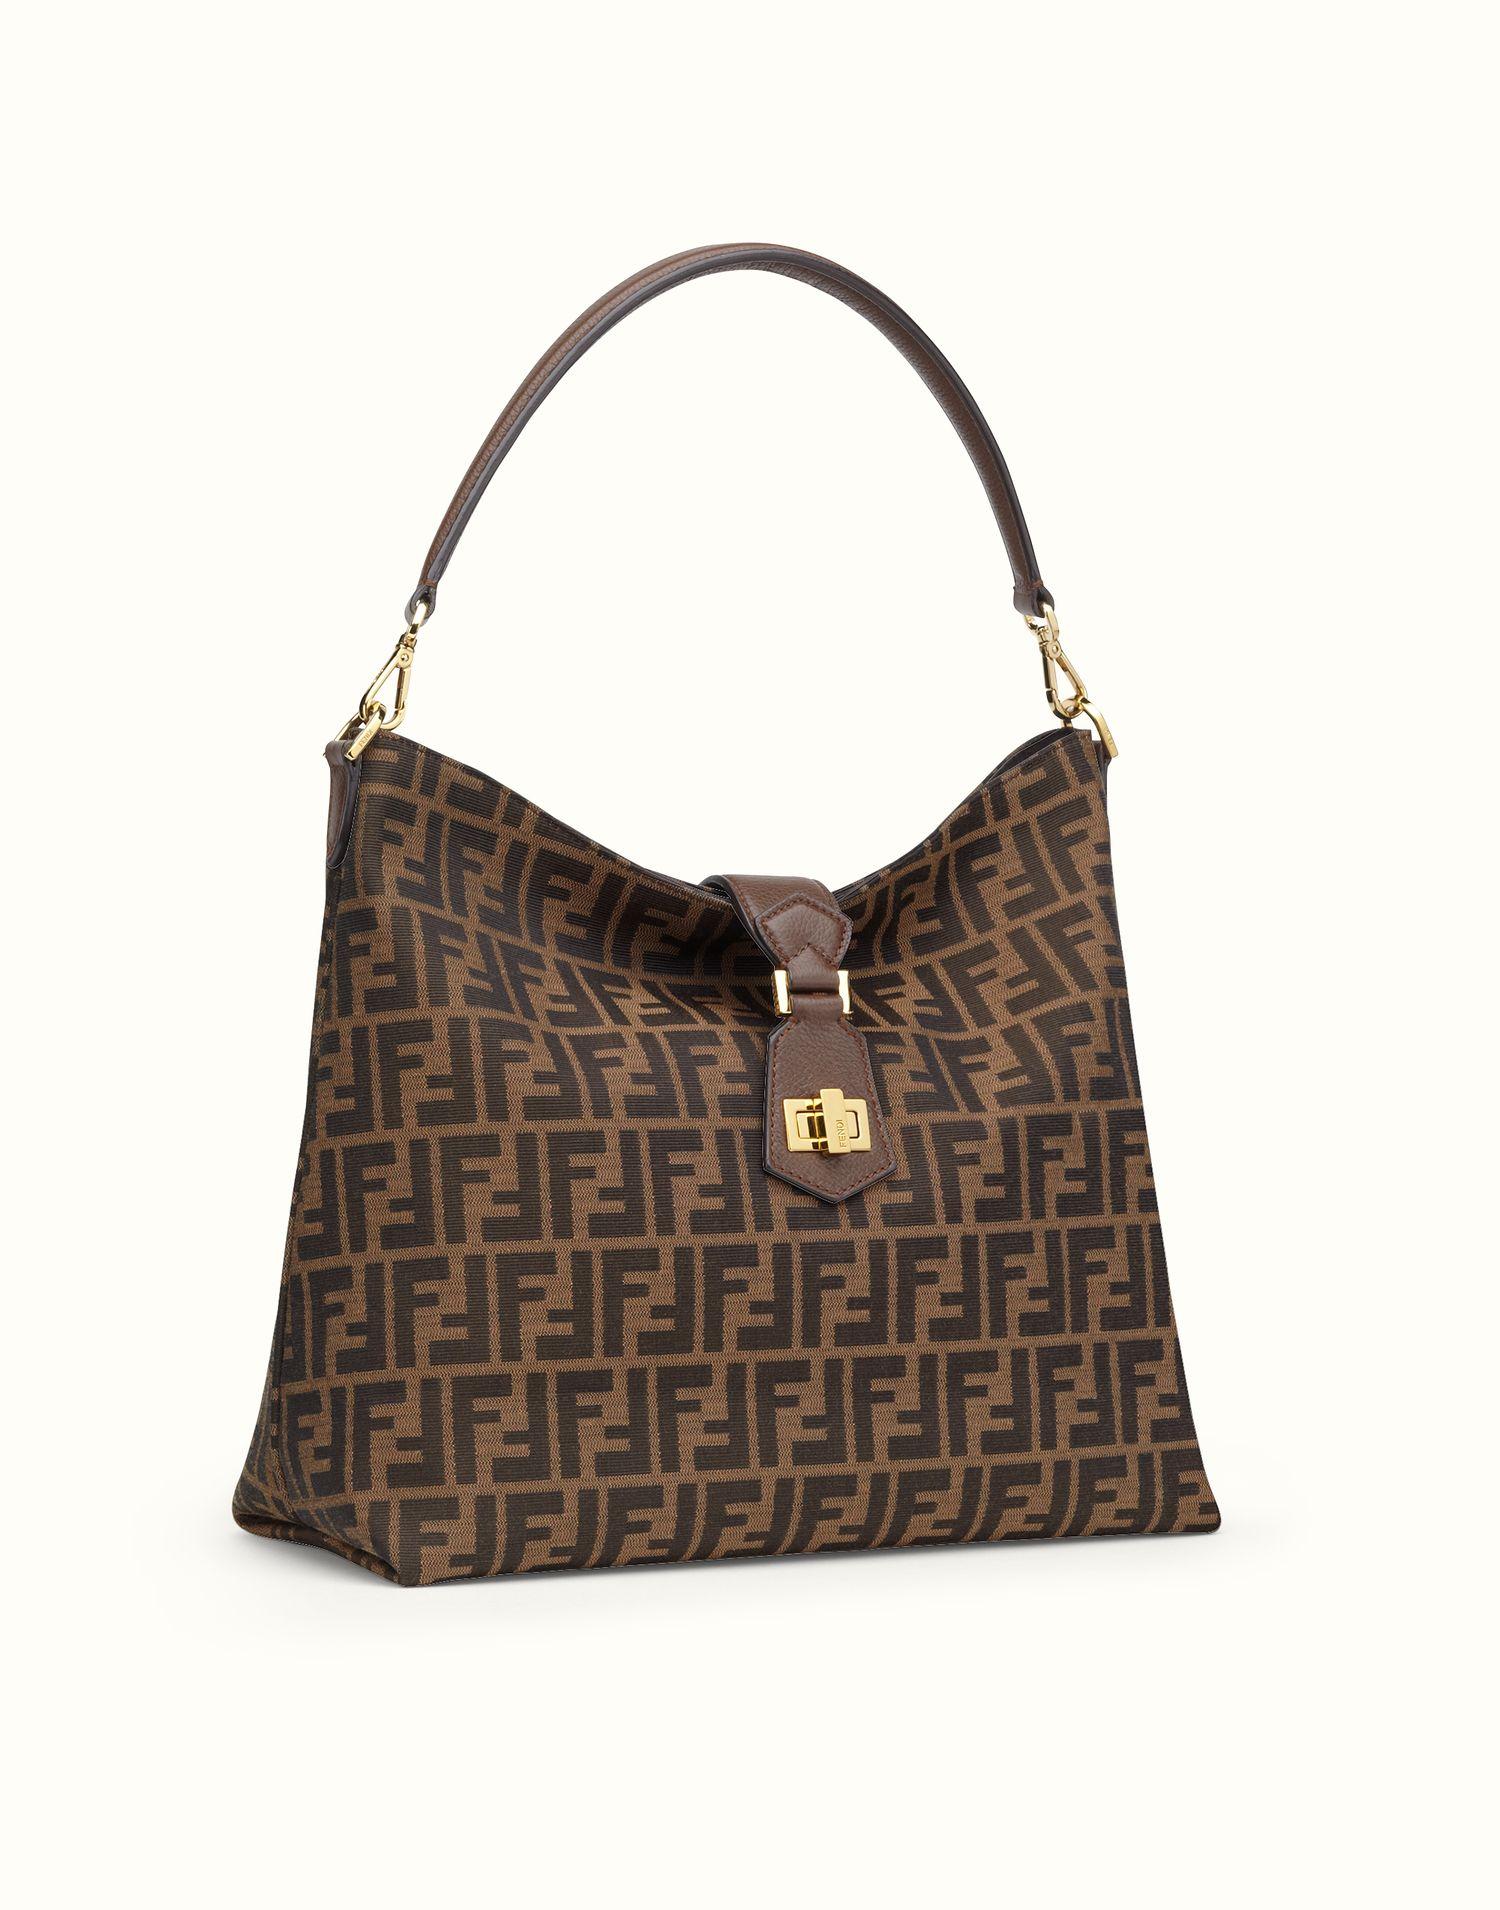 FENDI   HOBO BAG LOGO jacquard shoulder bag   Bags   Pinterest ... acdfd9fea74